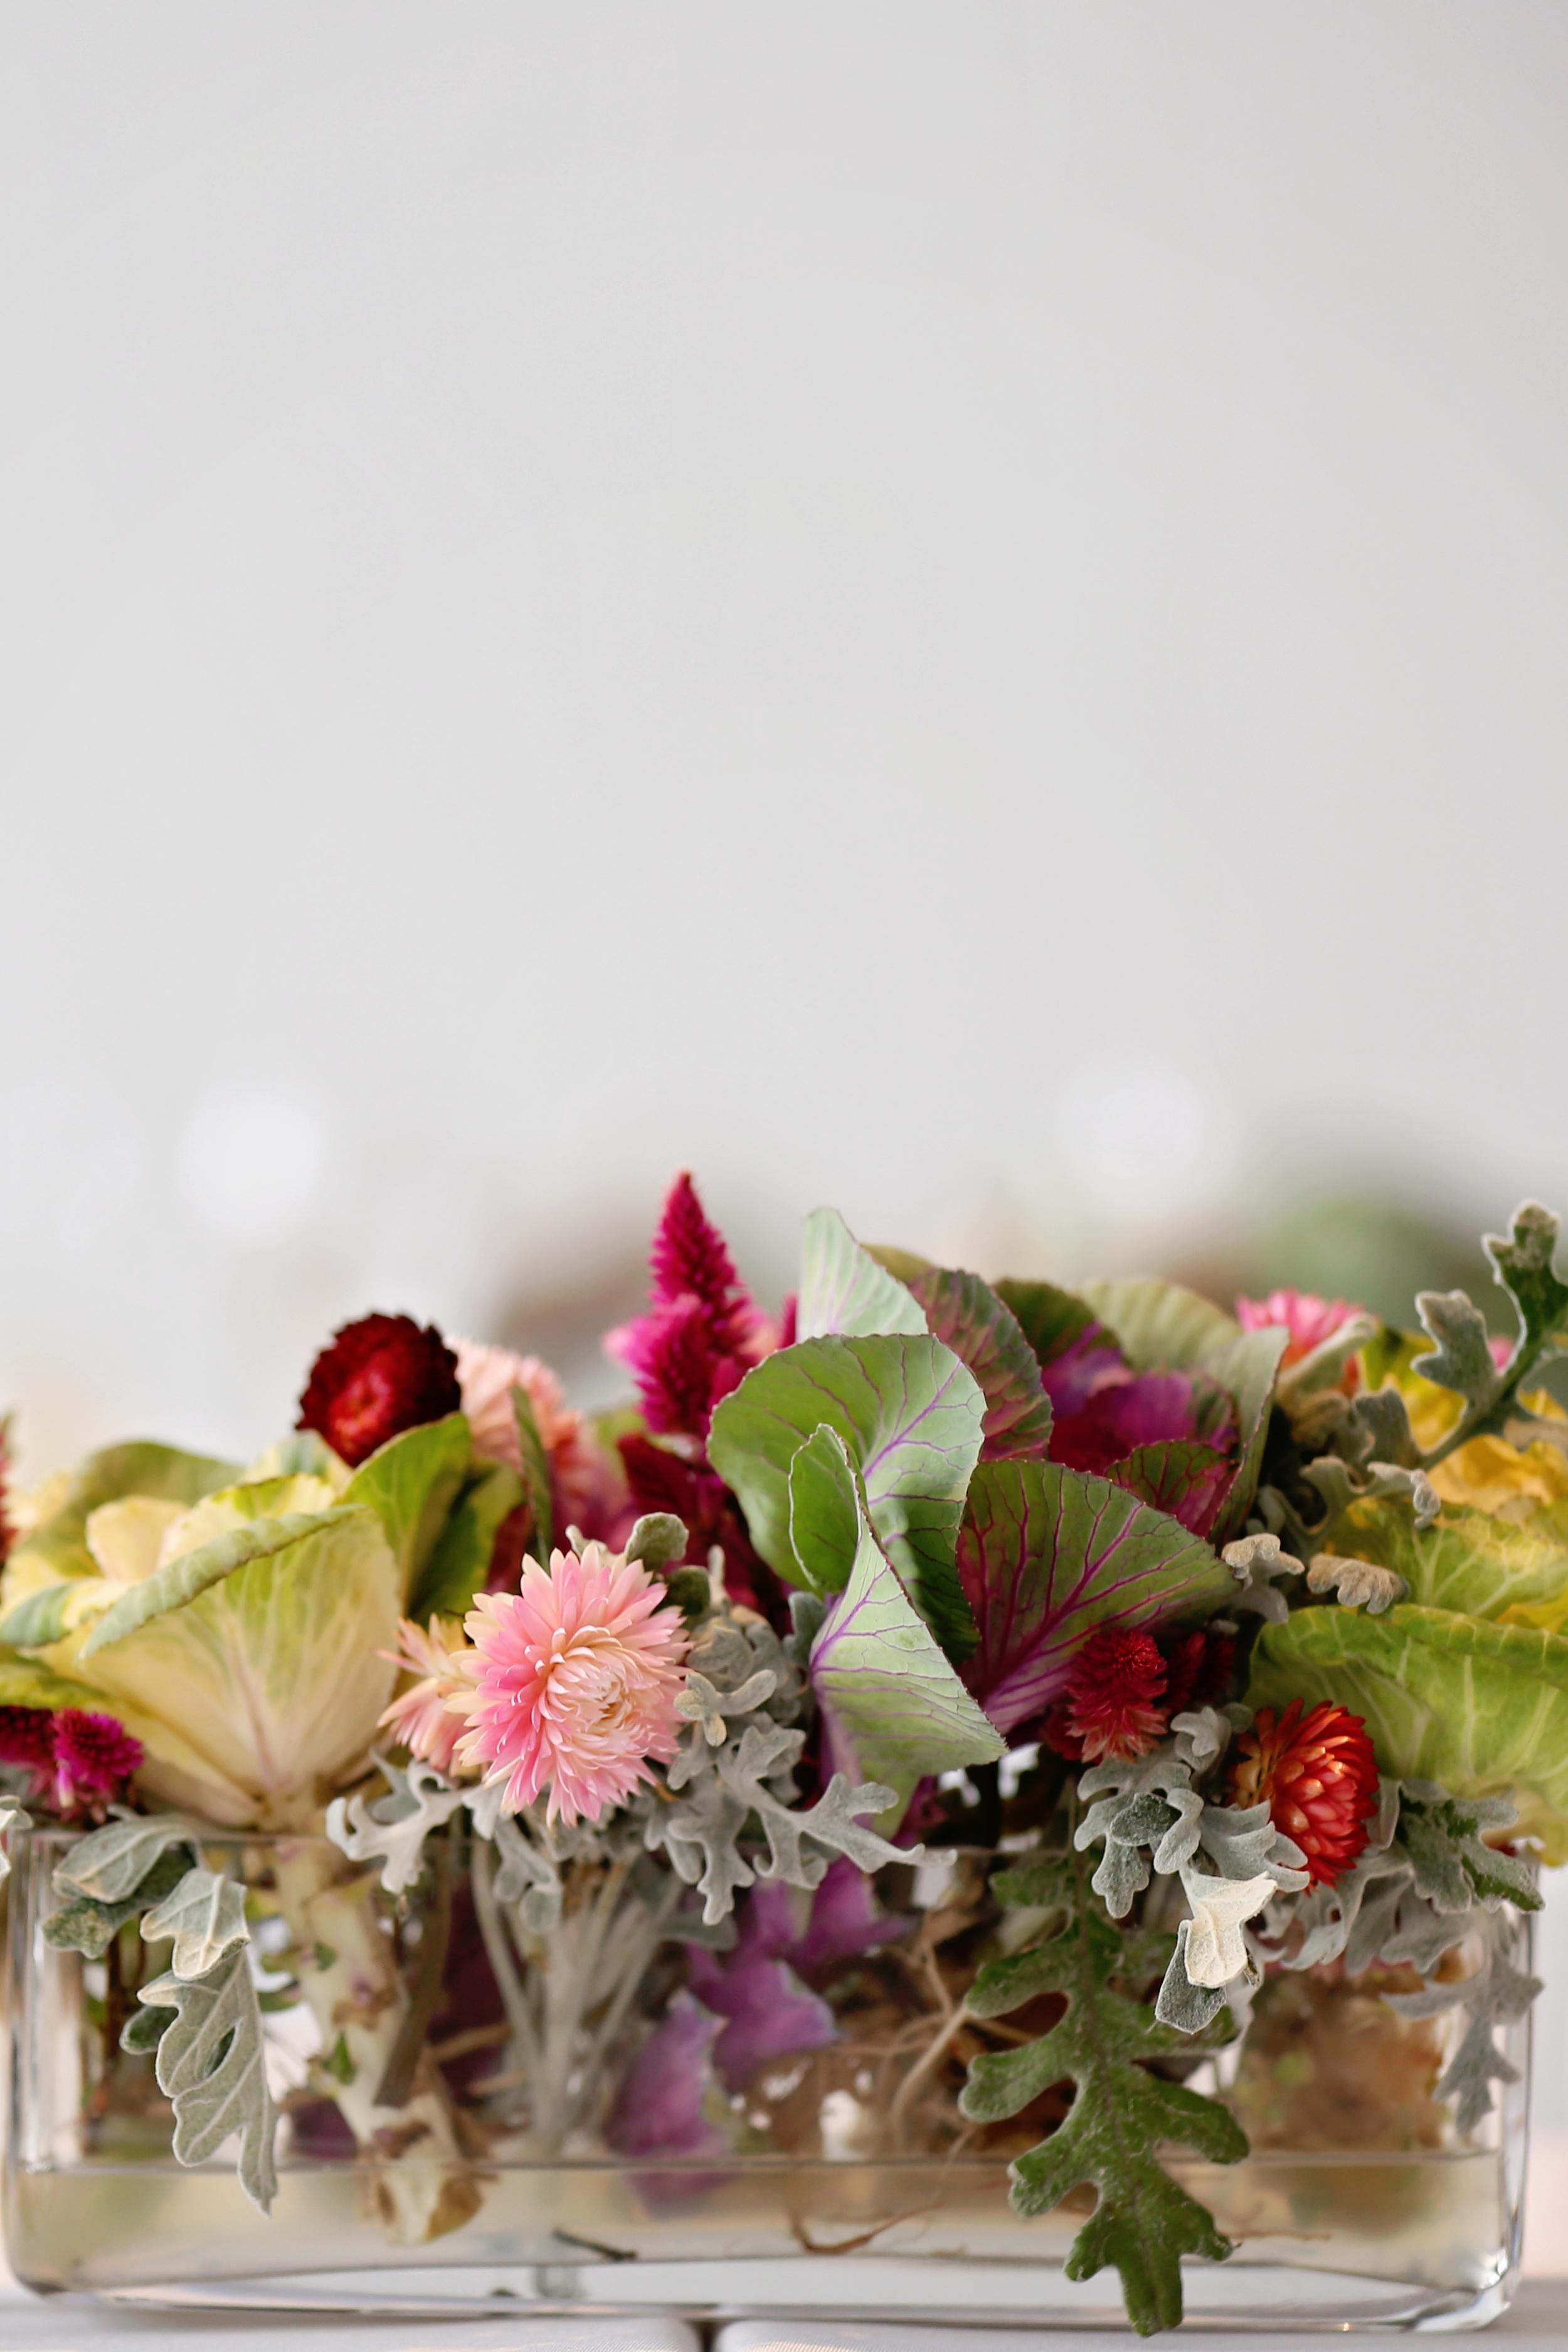 Winter Wedding Arrangement